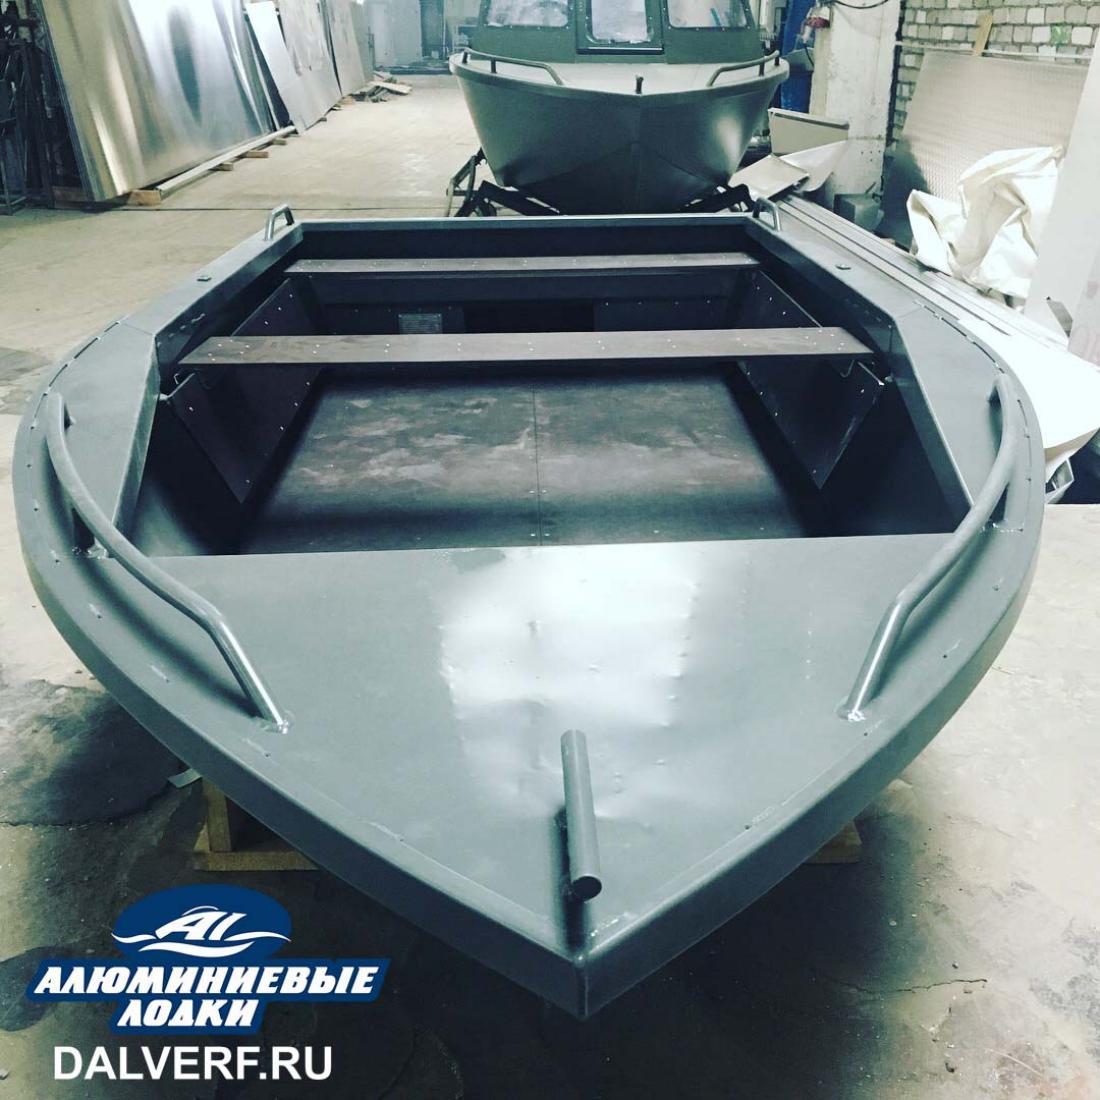 Выбираем лодку пластиковая или алюминиевая